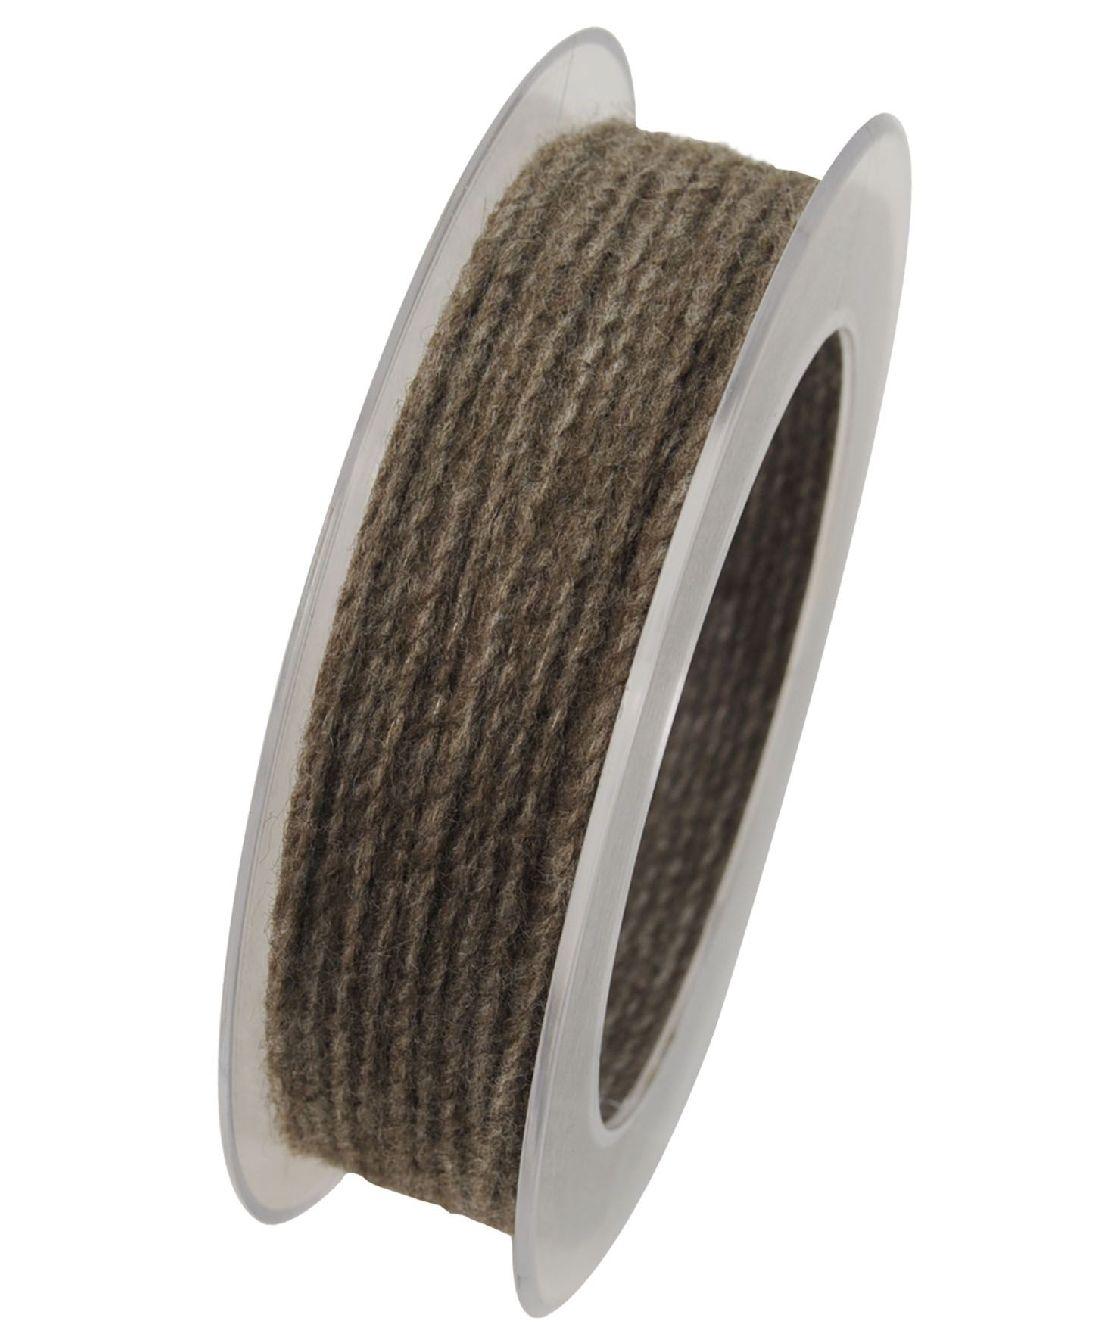 Wollkordel Twist mit Draht GRAUBRAUN 5109 2mm  50 Meter  Wollschnur